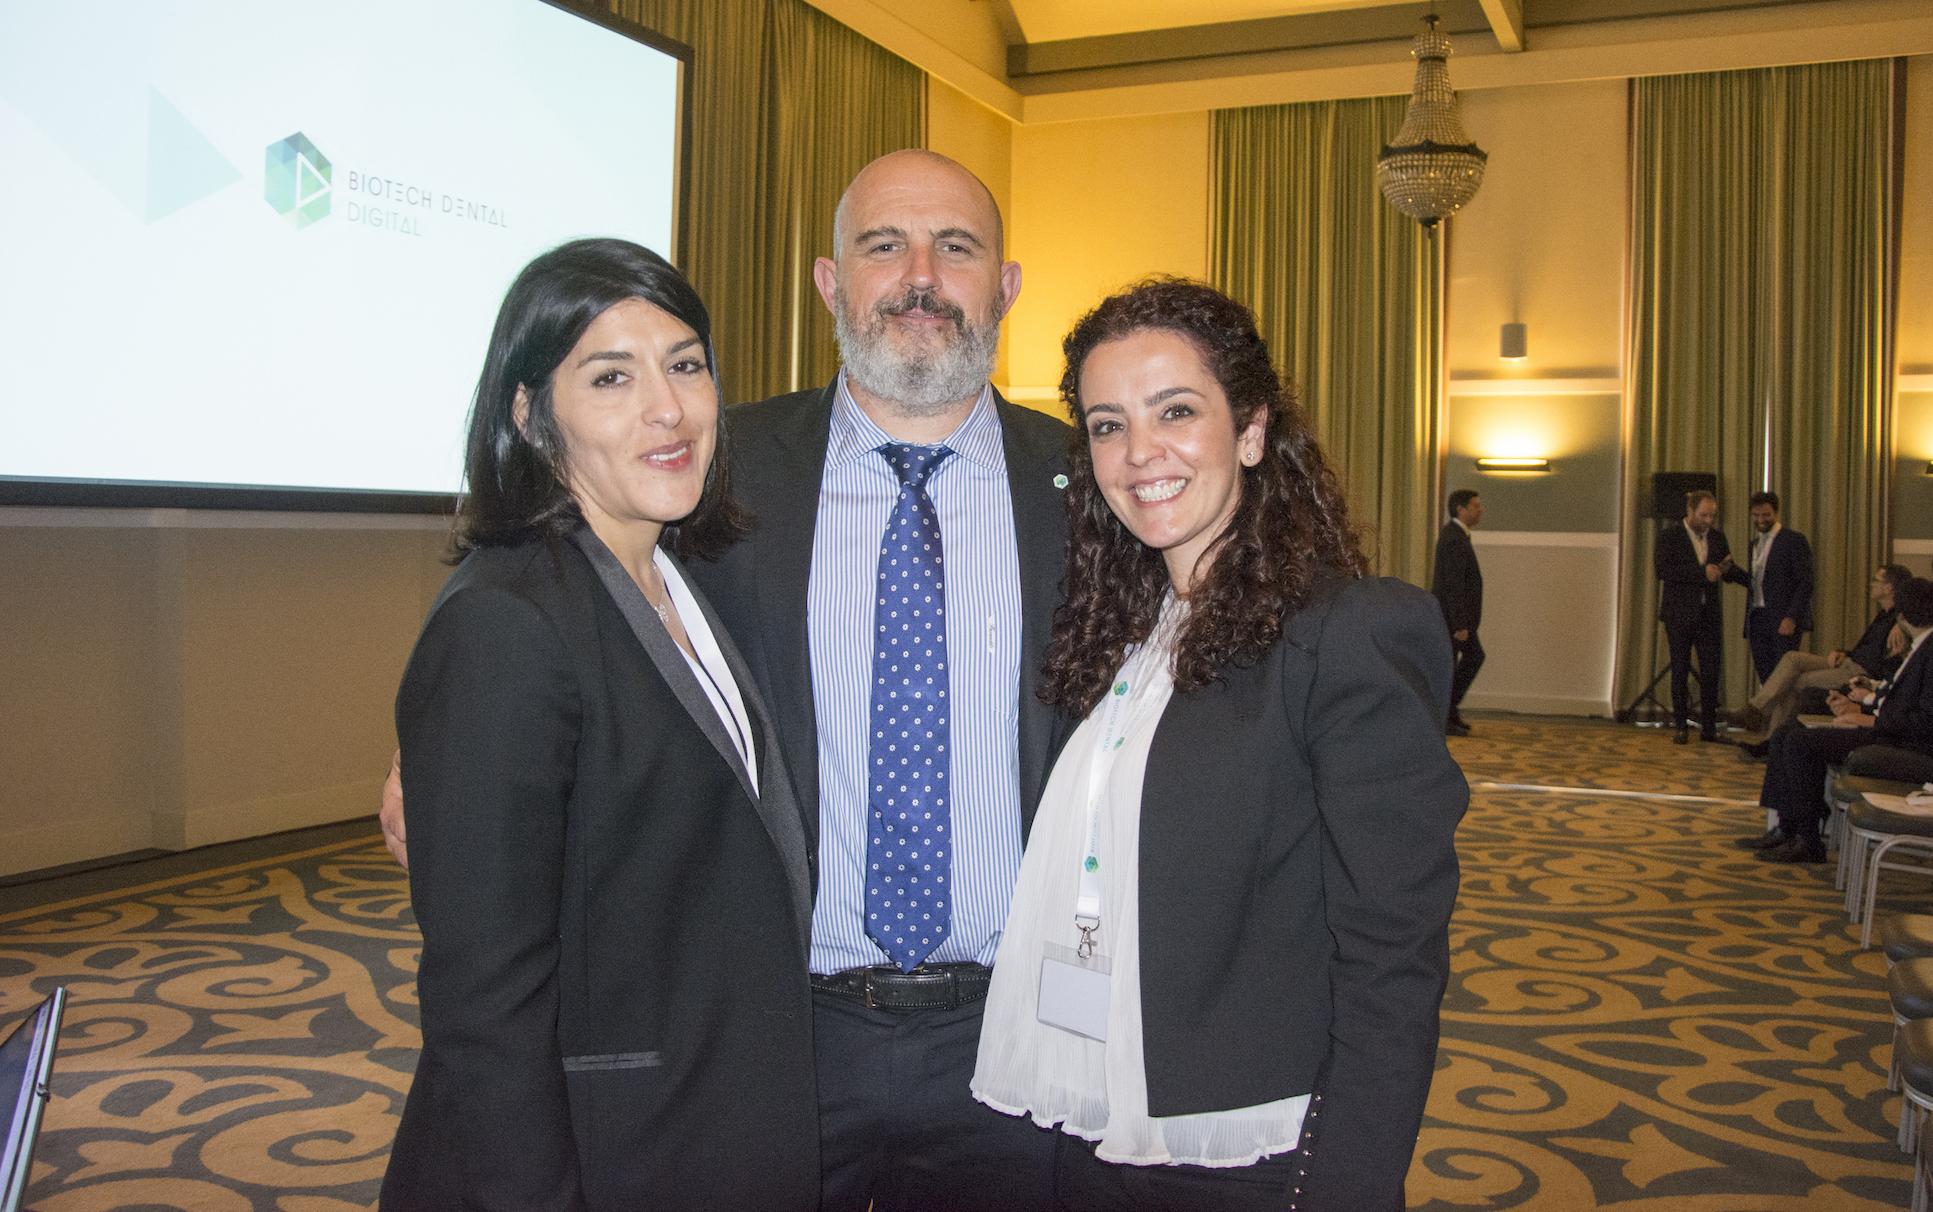 Imagem da notícia: Portugal realizou o primeiro Biotech Day